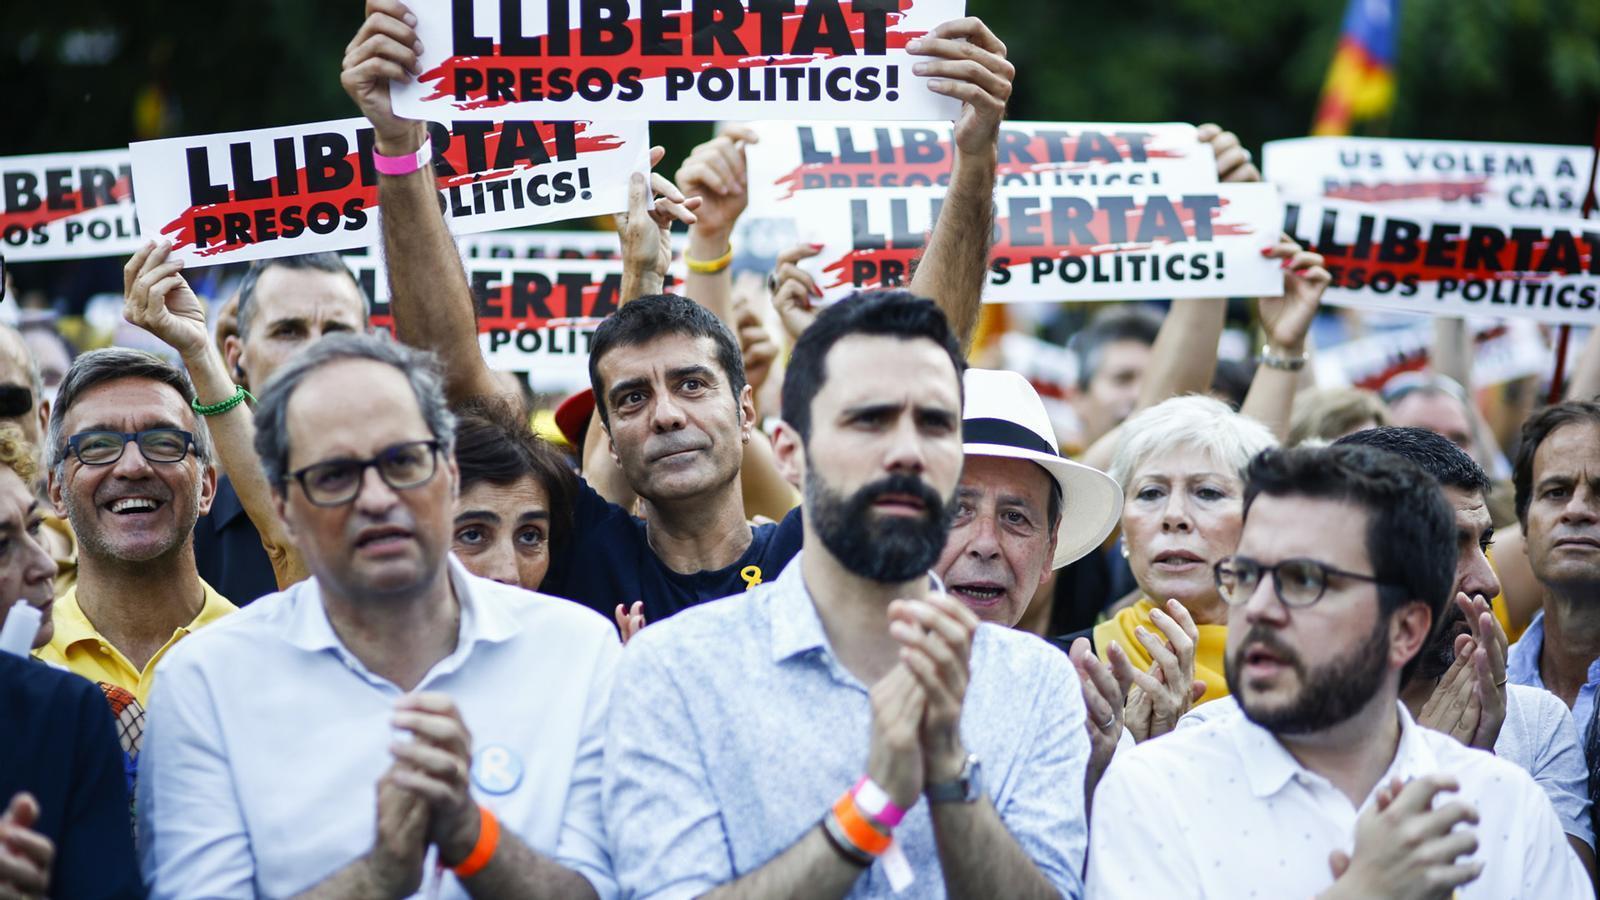 L'anàlisi d'Antoni Bassas: 'Demanar sacrificis a la gent'